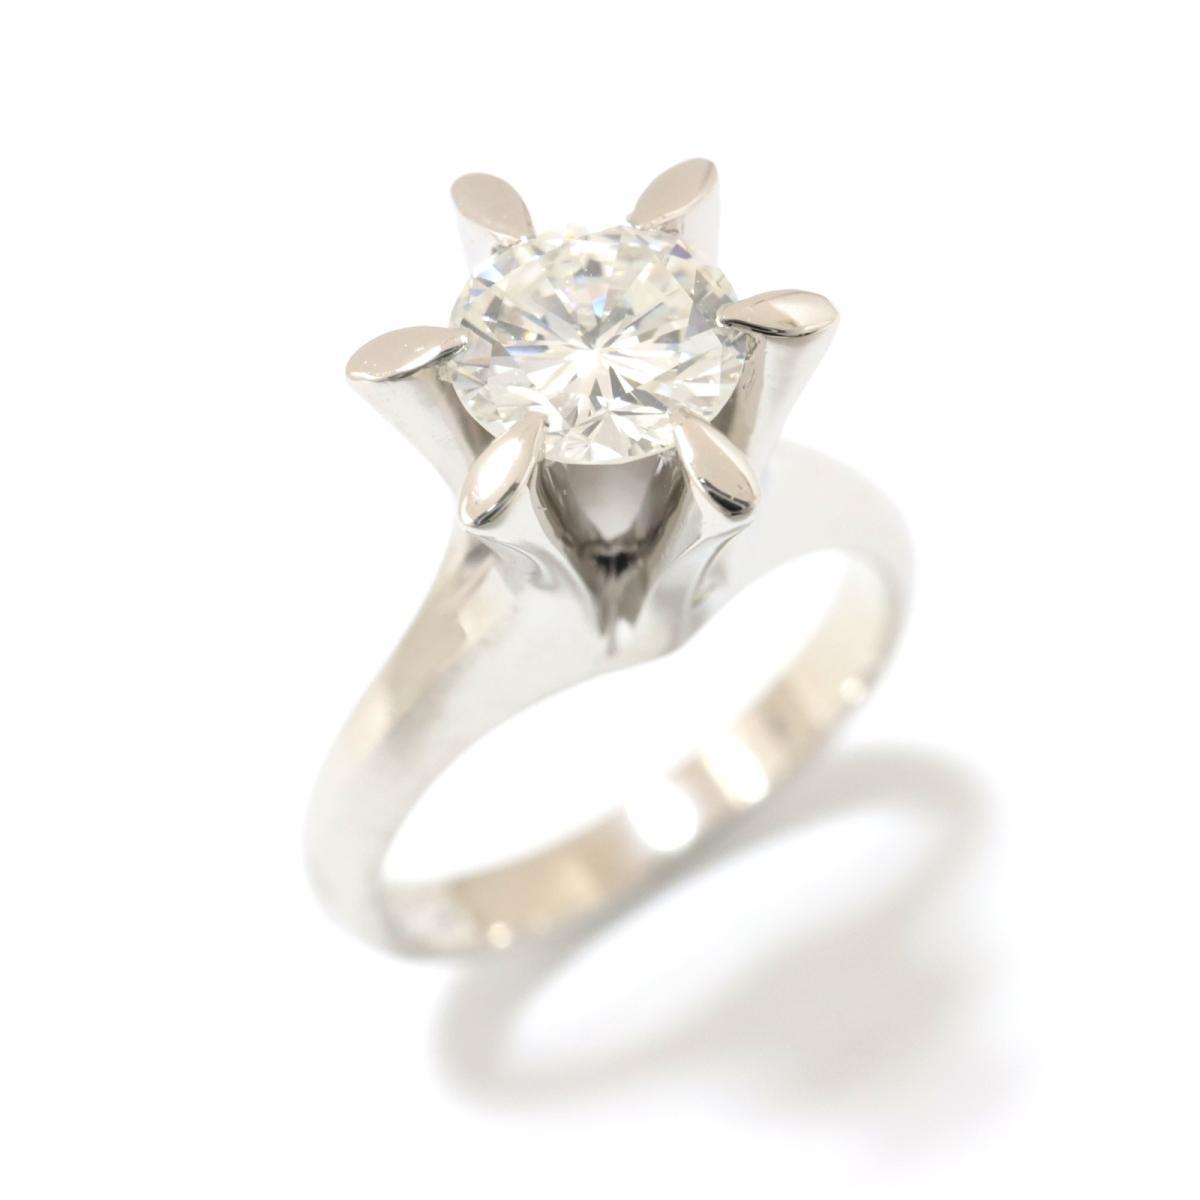 【中古】 ジュエリー ダイヤモンド リング 指輪 レディース PT900 プラチナ x (0.815ct) クリアー シルバー | JEWELRY BRANDOFF ブランドオフ アクセサリー